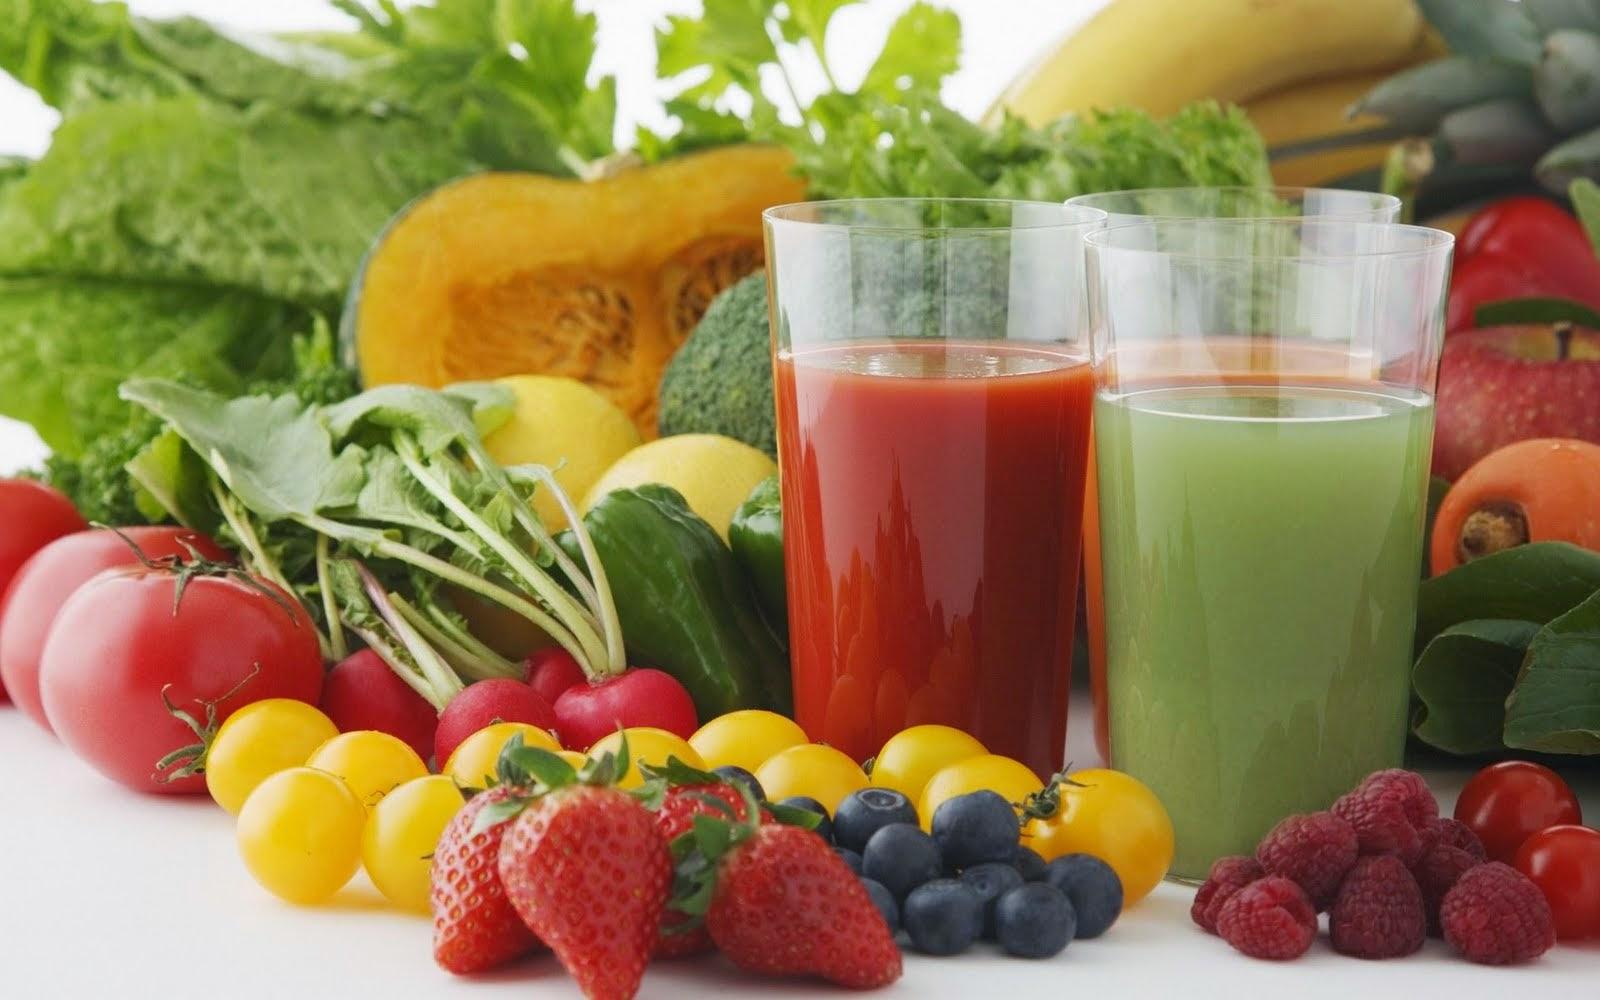 Tips Sehat 5 Jenis Jus Buah Yang Baik di Konsumsi